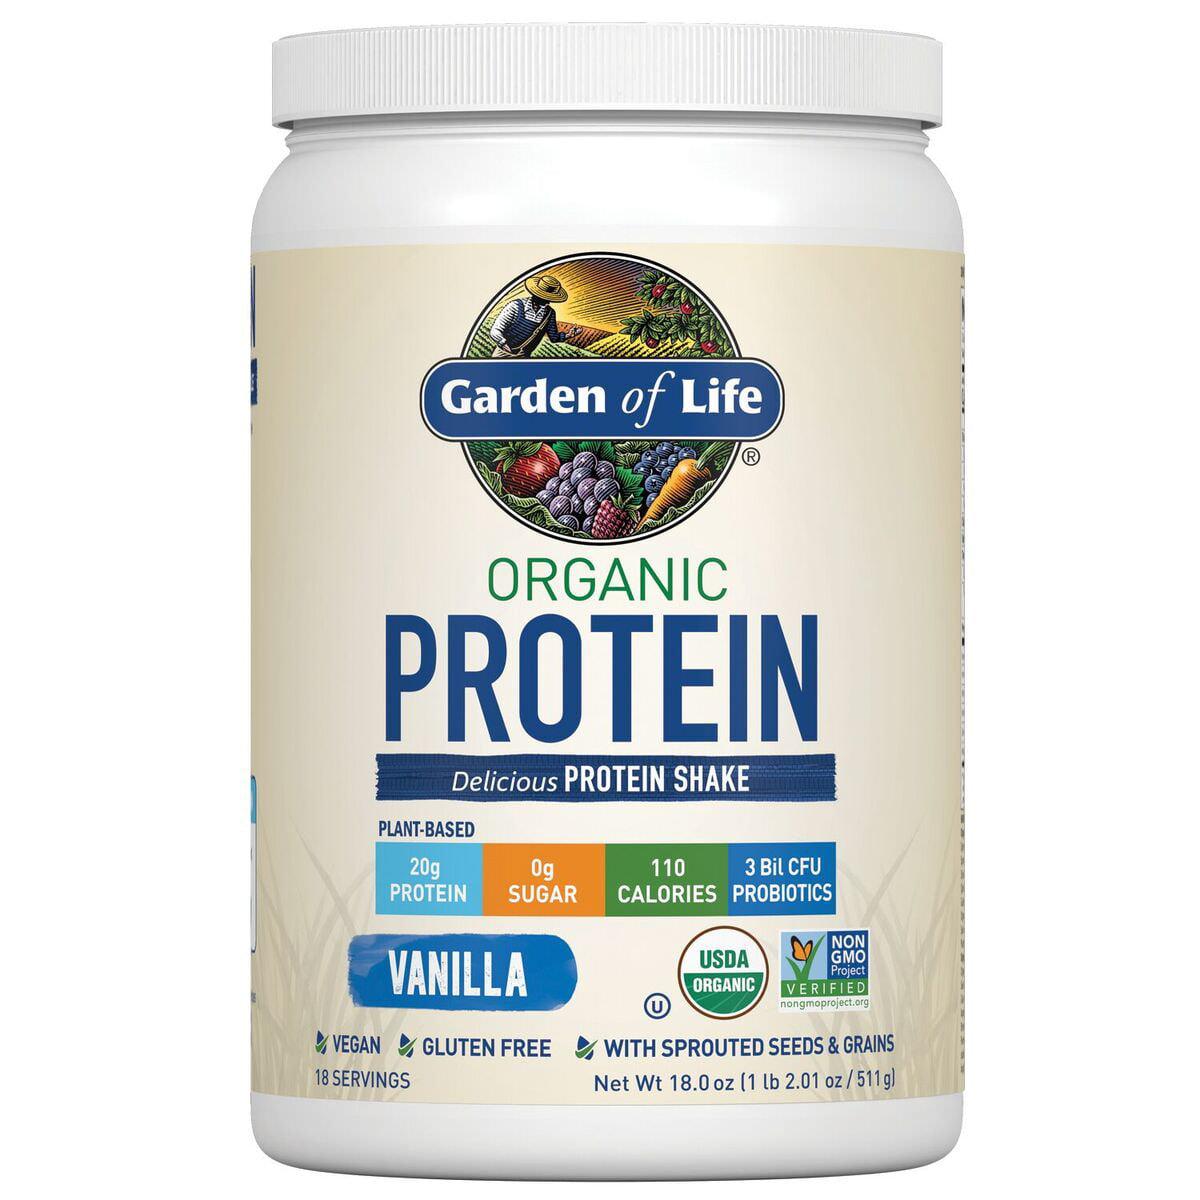 Garden of Life Organic Protein Powder, Vanilla, 1.1 Lb